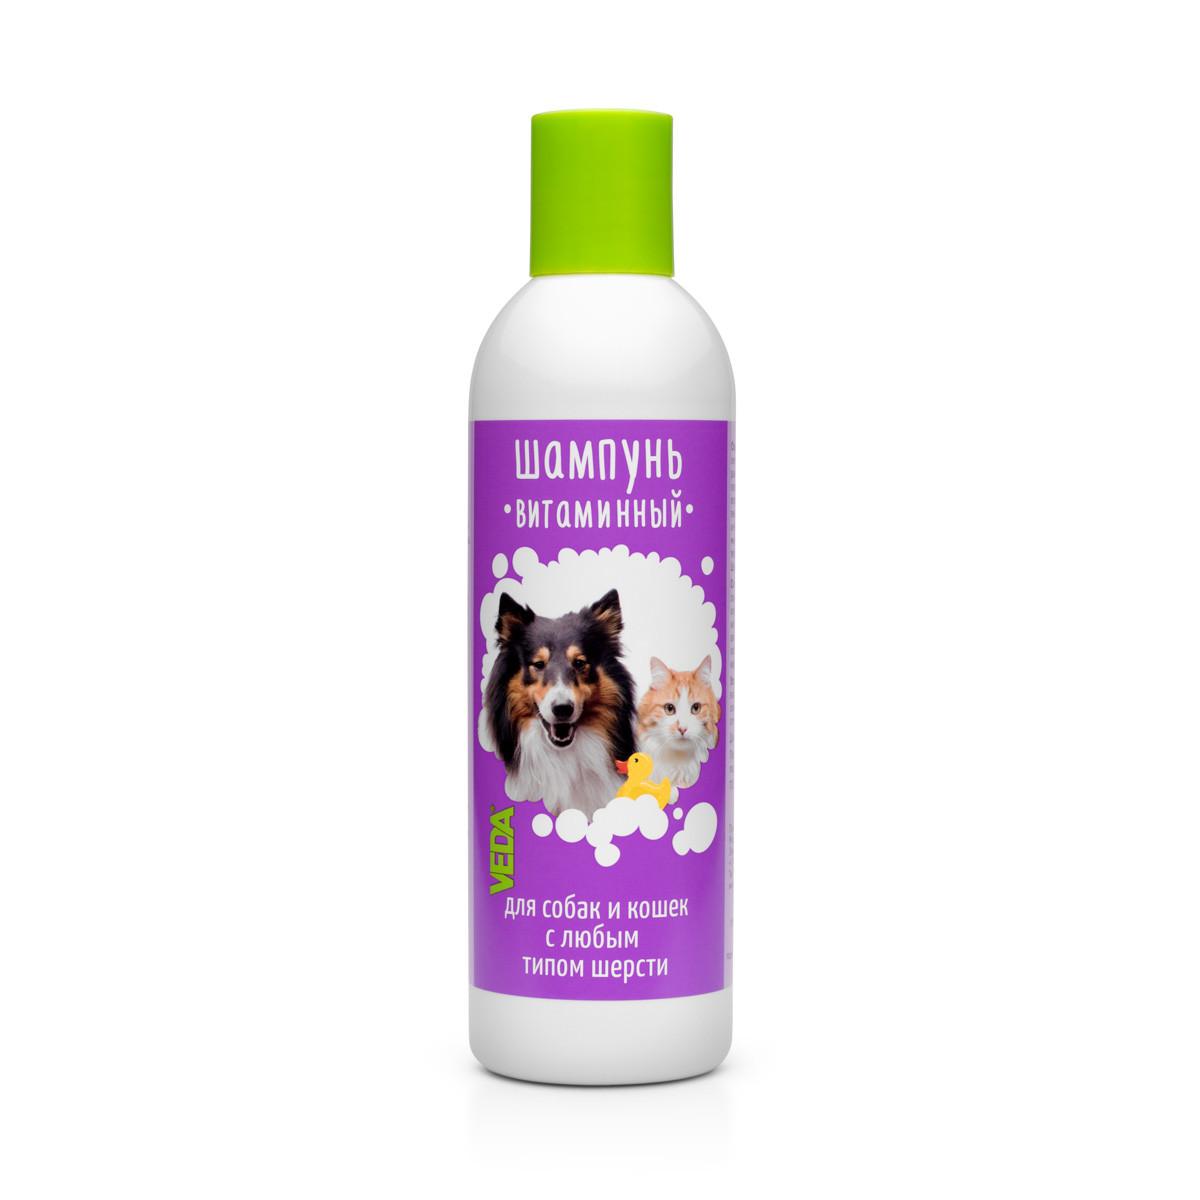 Шампунь Витаминный для собак и кошек